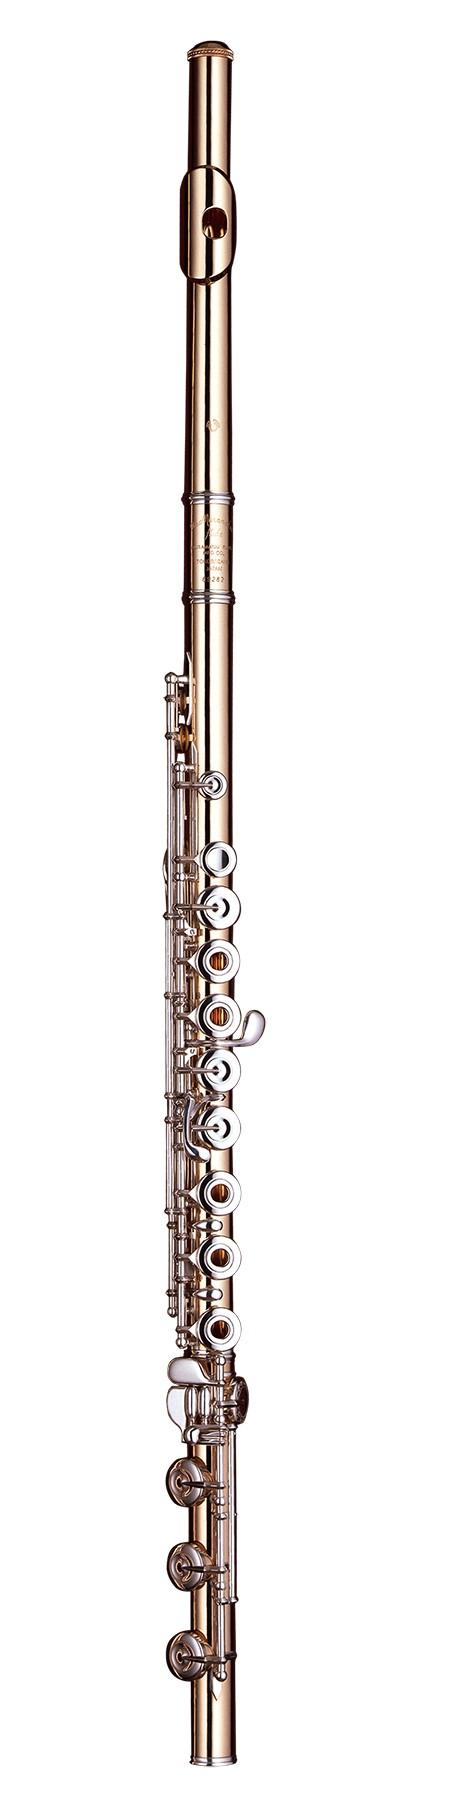 Muramatsu - 14 - K Go/Si SR - Type - RBEI - Holzblasinstrumente - Flöten mit E-Mechanik | MUSIK BERTRAM Deutschland Freiburg